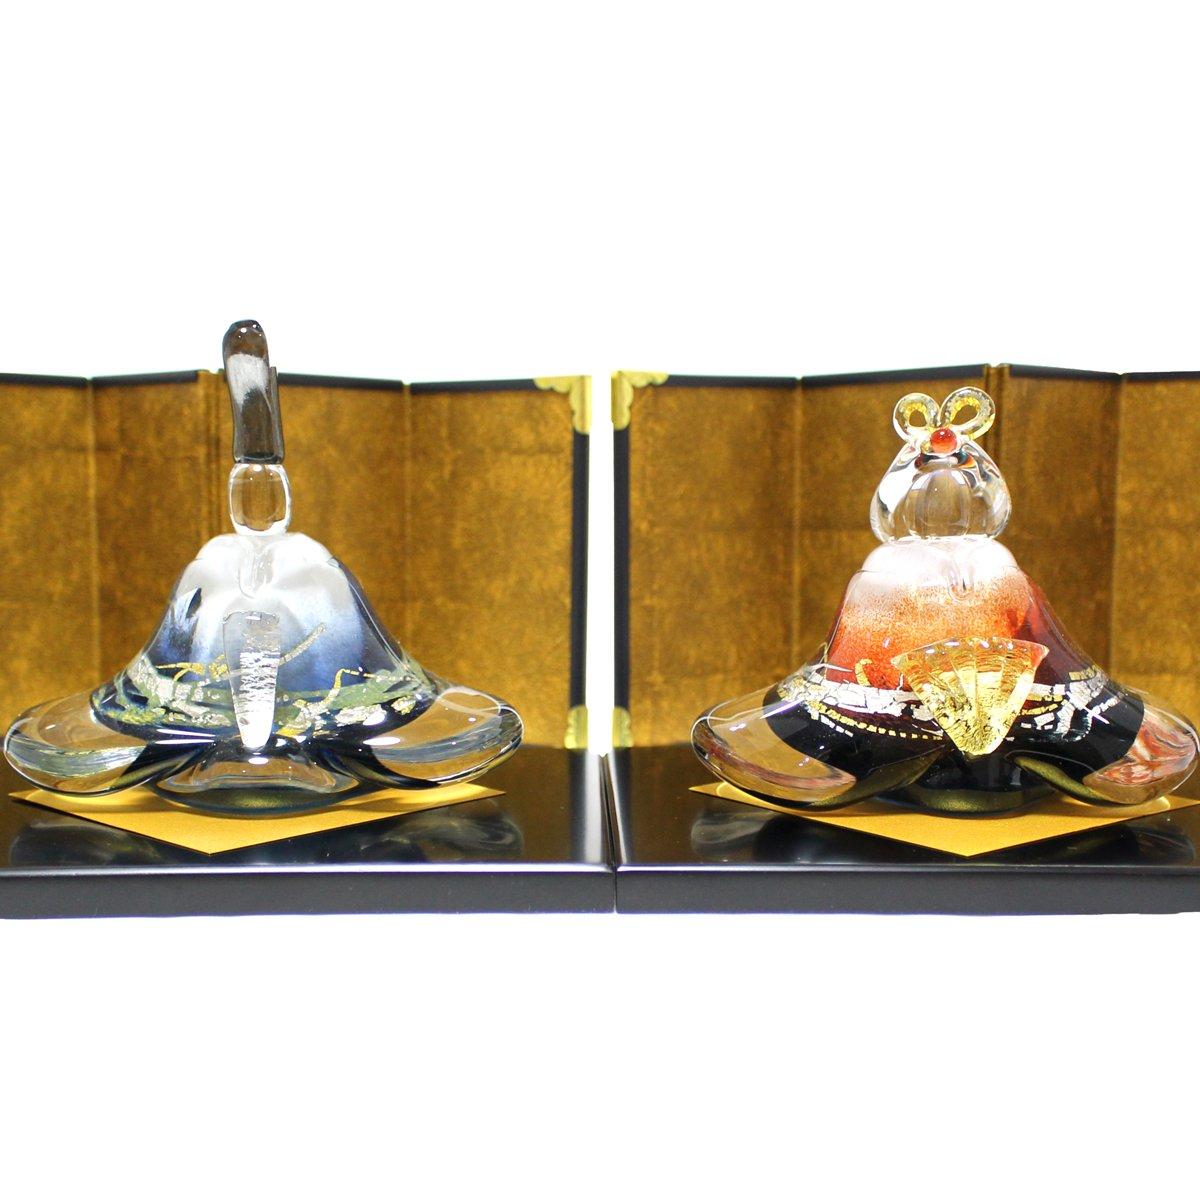 ガラスのお雛様 glass calico グラスキャリコ 富士雛 ハンドメイド ガラスアート 雛人形 ひな人形 おひなさま 桃の節句 オブジェ コンパクト   B01N5PDG2H